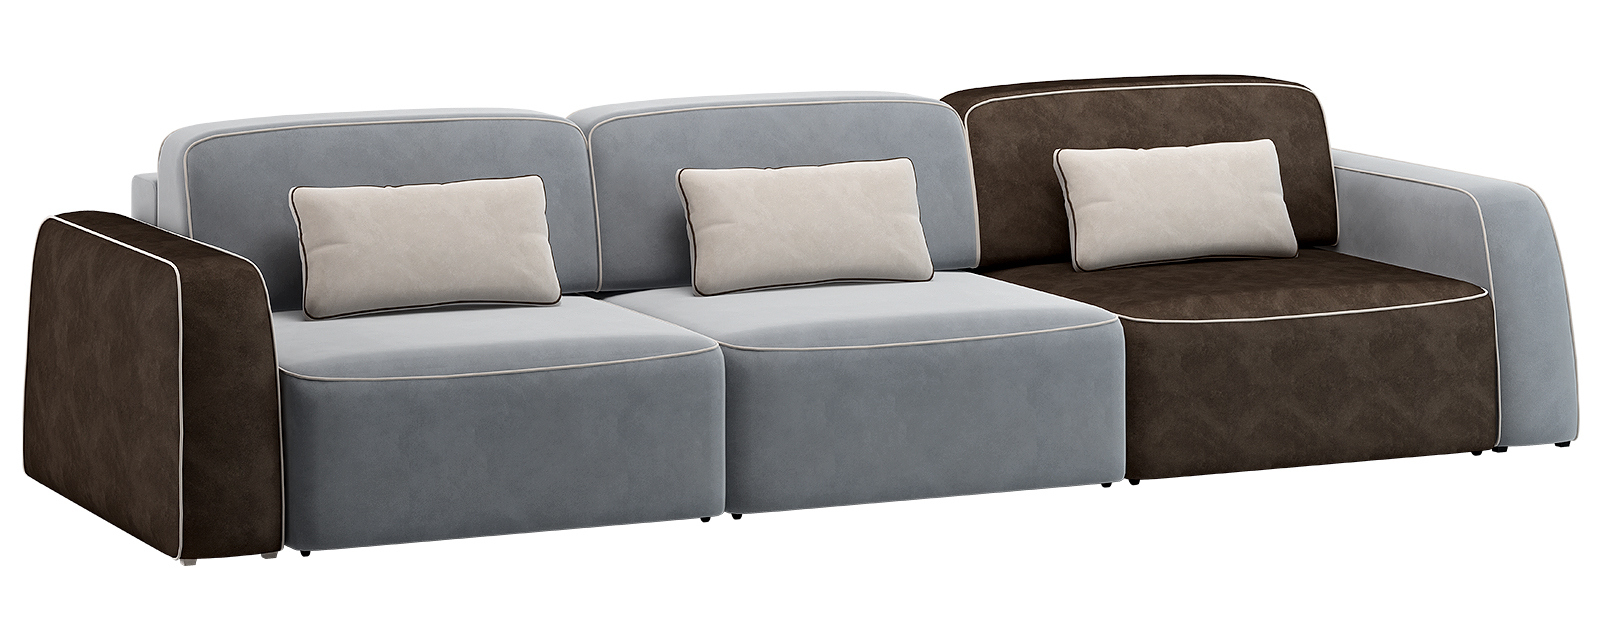 Модульный диван Портленд 300 см Вариант №2 Velutto серый/тёмно-коричневый (Велюр)